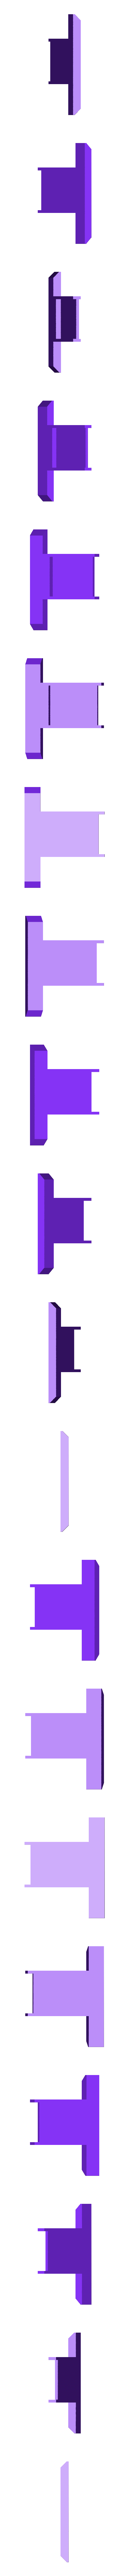 MacWintel_Pro_ssd_mount.stl Télécharger fichier STL gratuit MacWintel Pro v2.1 • Objet pour impression 3D, The_Craft_Dude